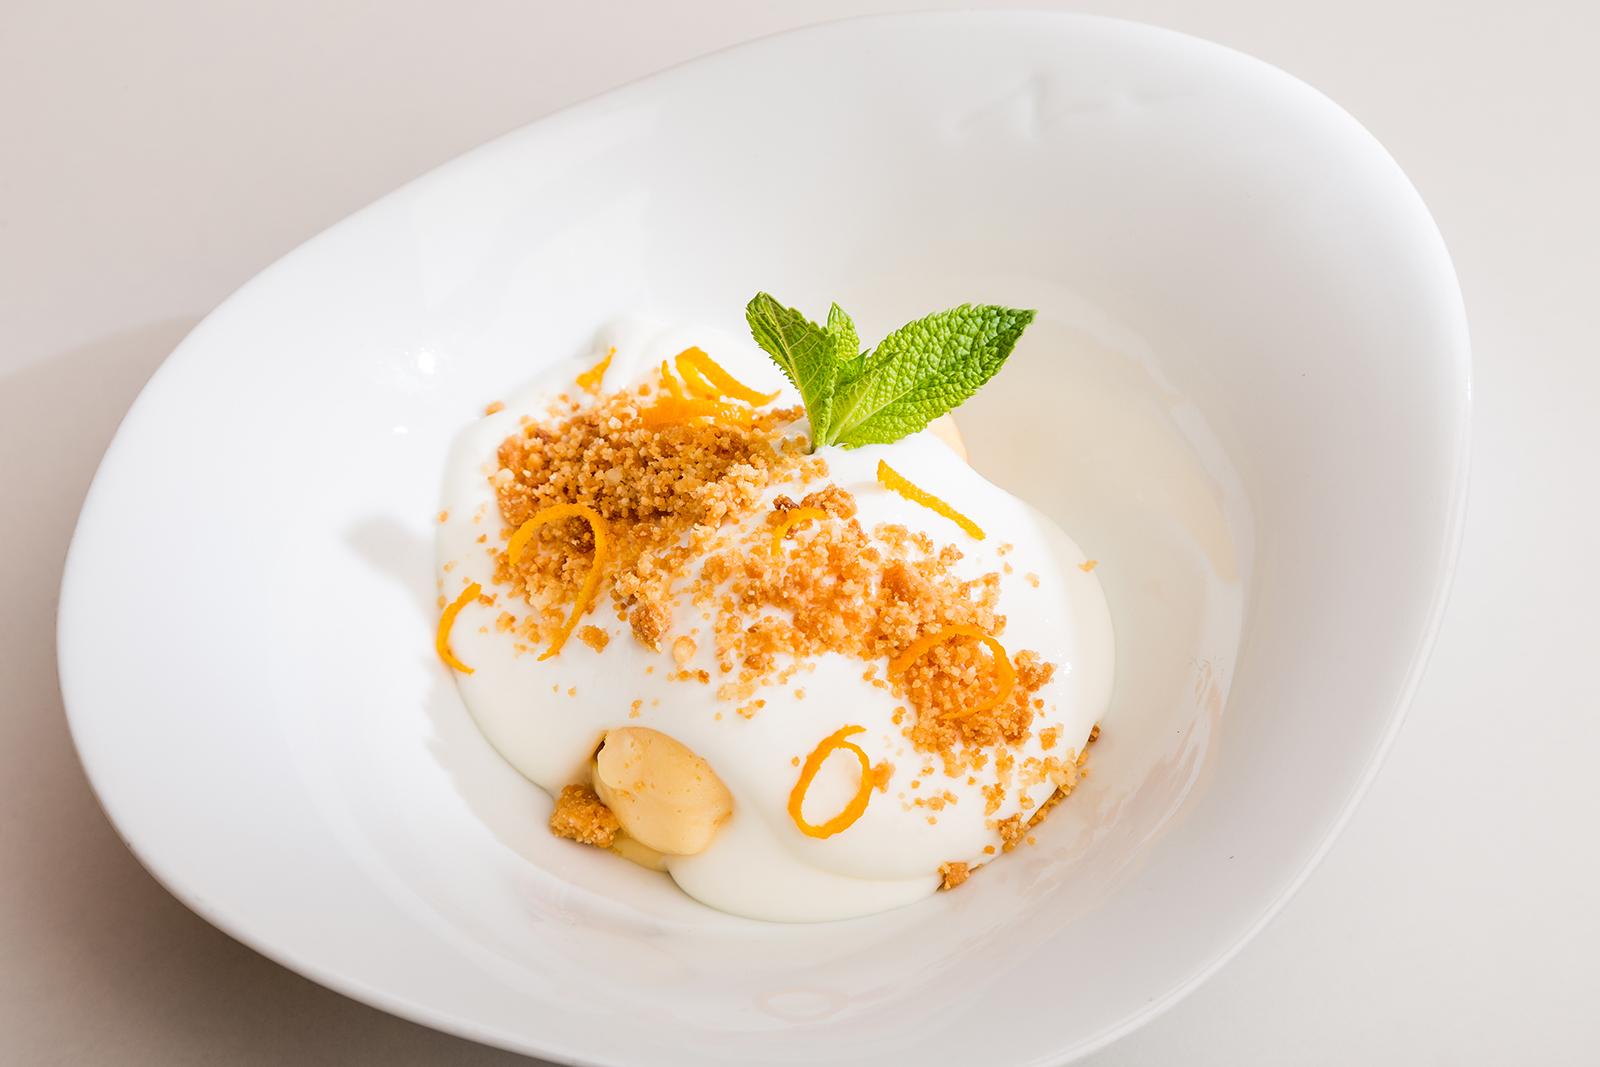 Yema de huevo helada bañada con crema de leche de oveja y crujiente de galleta, Restaurante Jaizkibel